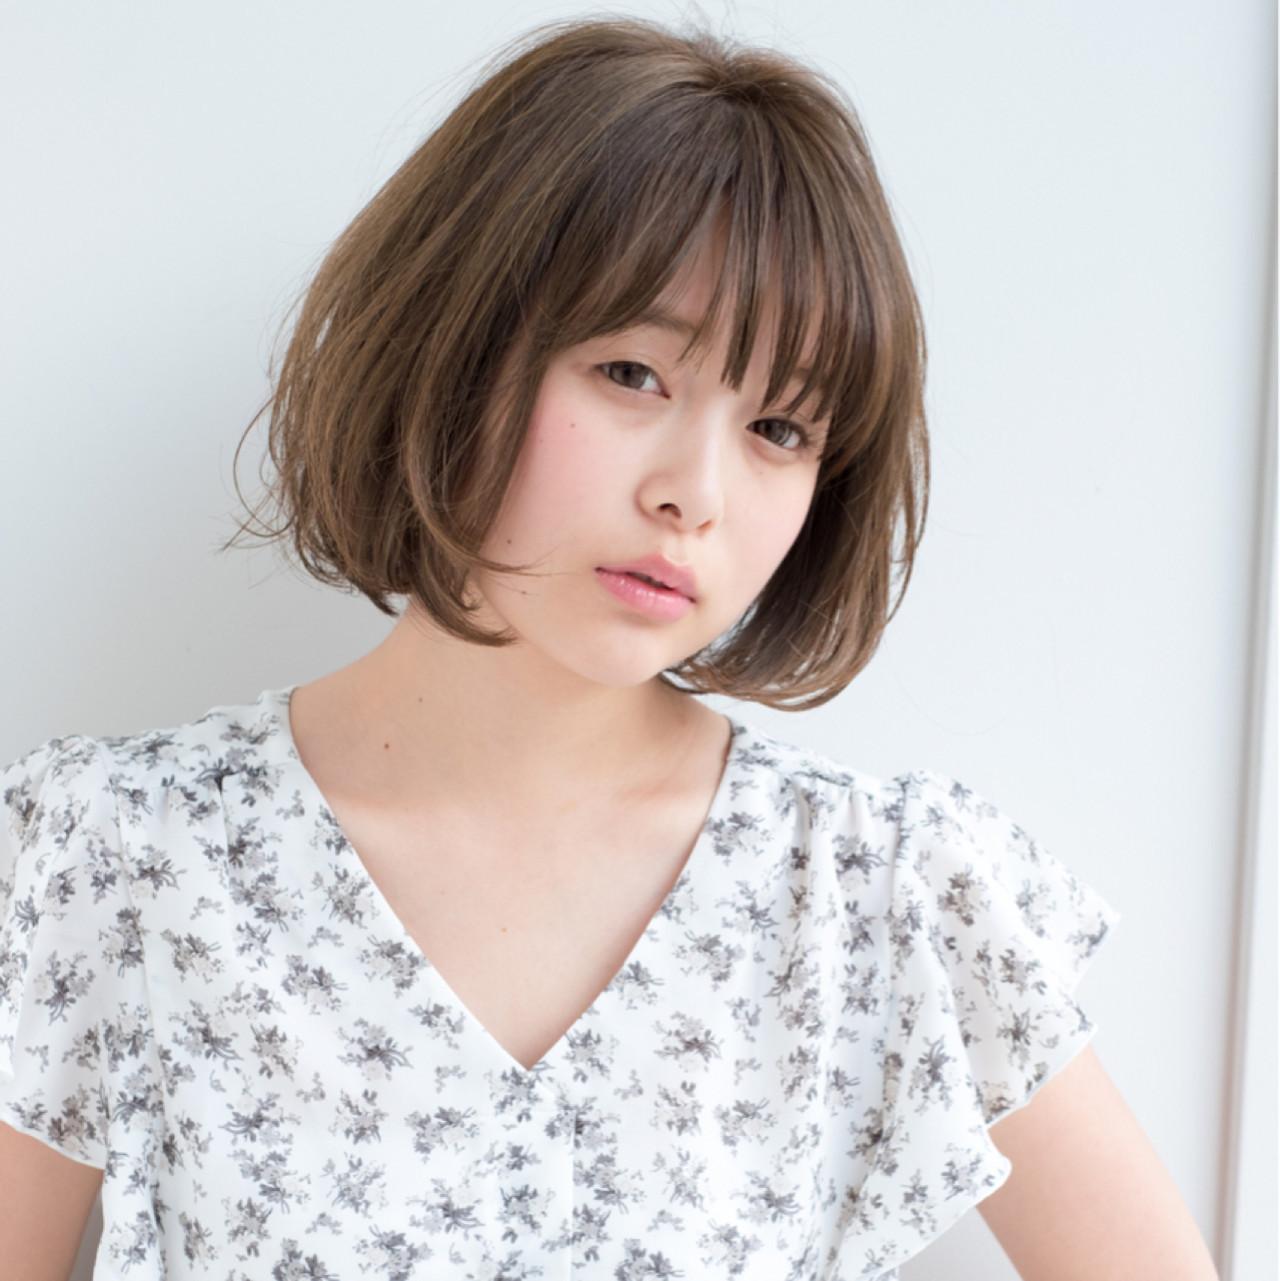 エアリー感たっぷりなワンカールボブ♪ 東 純平 | Ramie omotesando